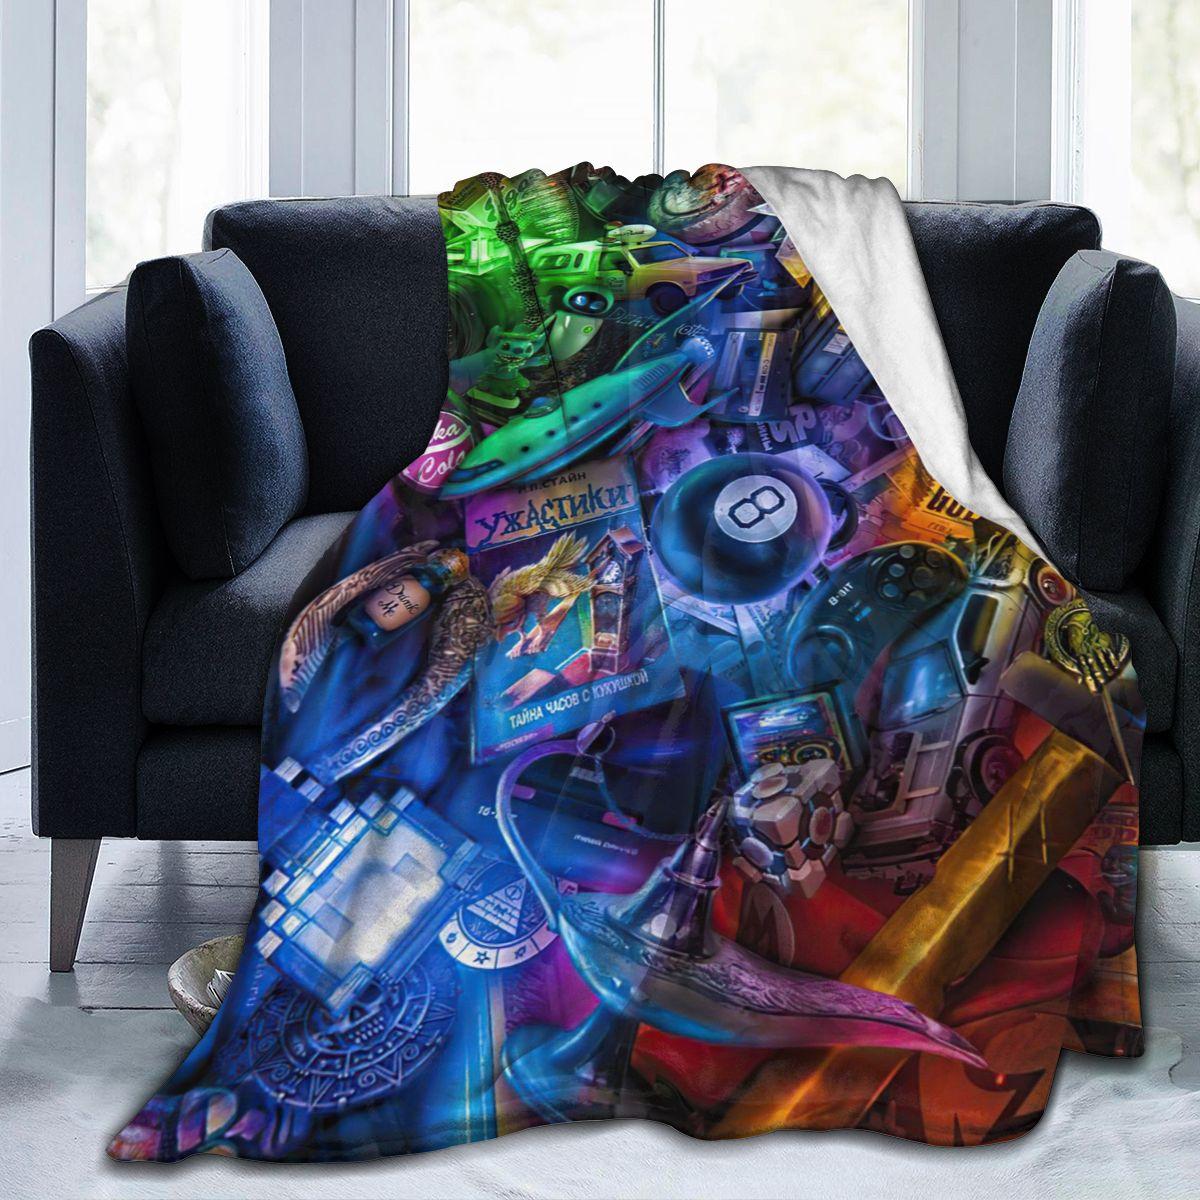 الترا لينة أريكة غطاء بطانية بطانية الفراش الكرتون الكرتون الفانيلا Plied أريكة ديكور غرفة نوم للأطفال والكبار مانتا